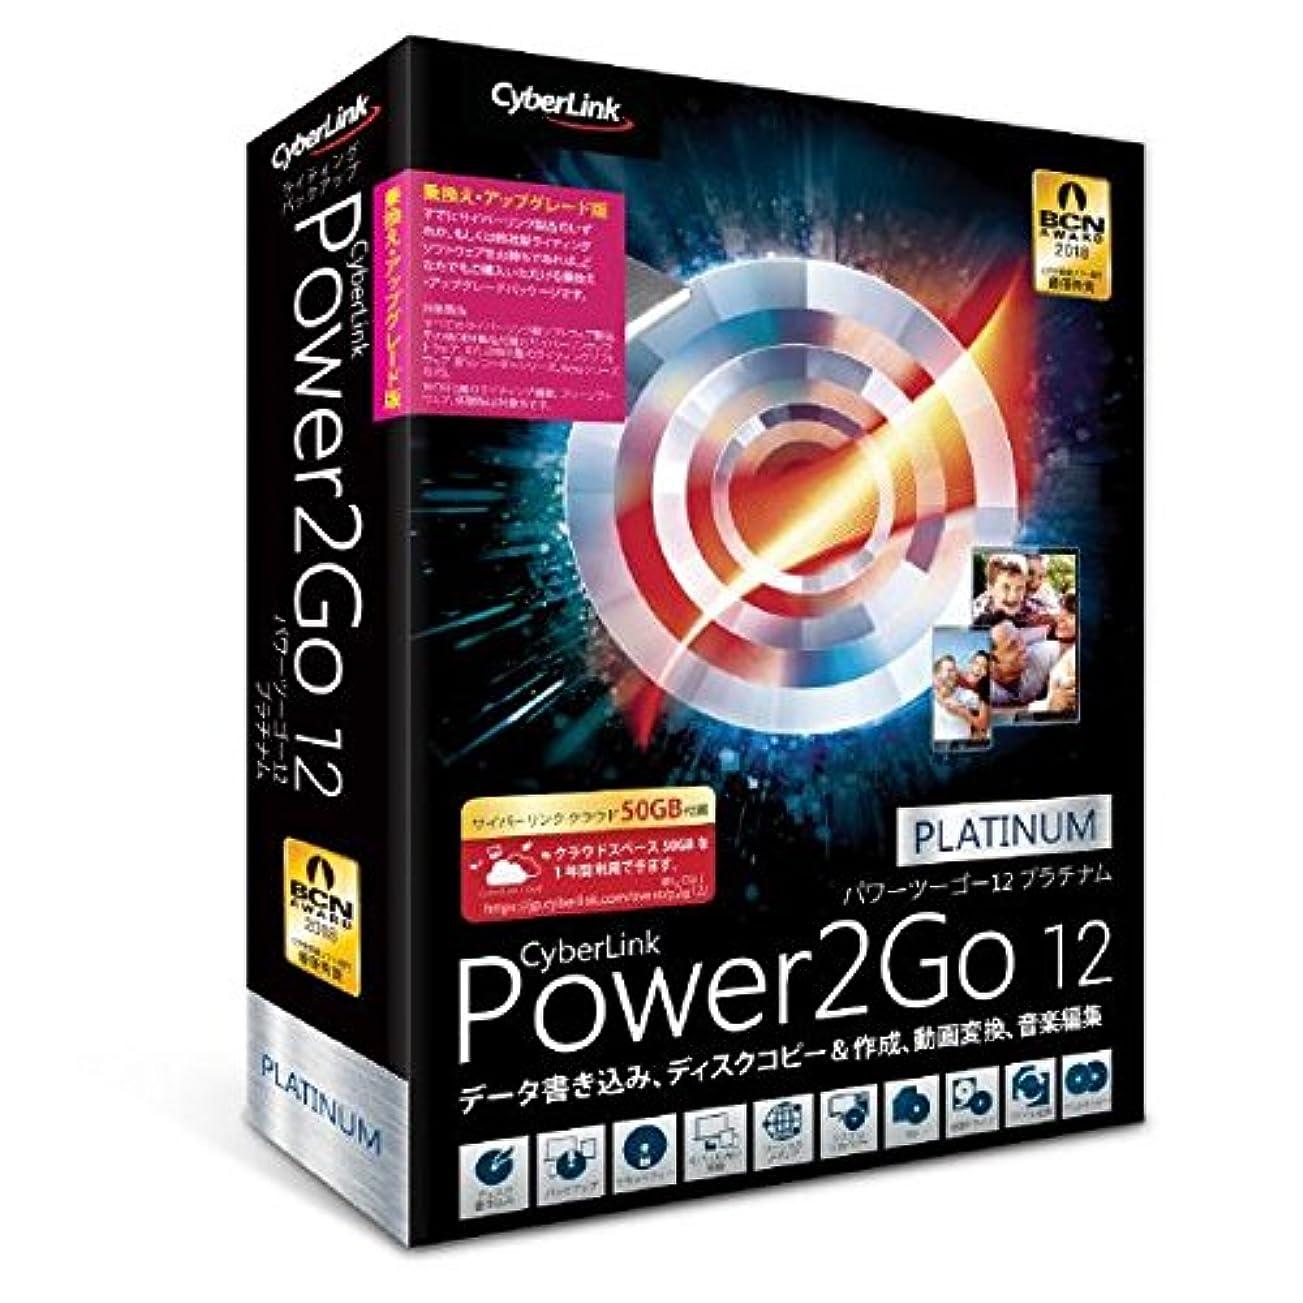 感謝しおれた多用途サイバーリンク Power2Go 12 Platinum 乗換え?アップグレード版